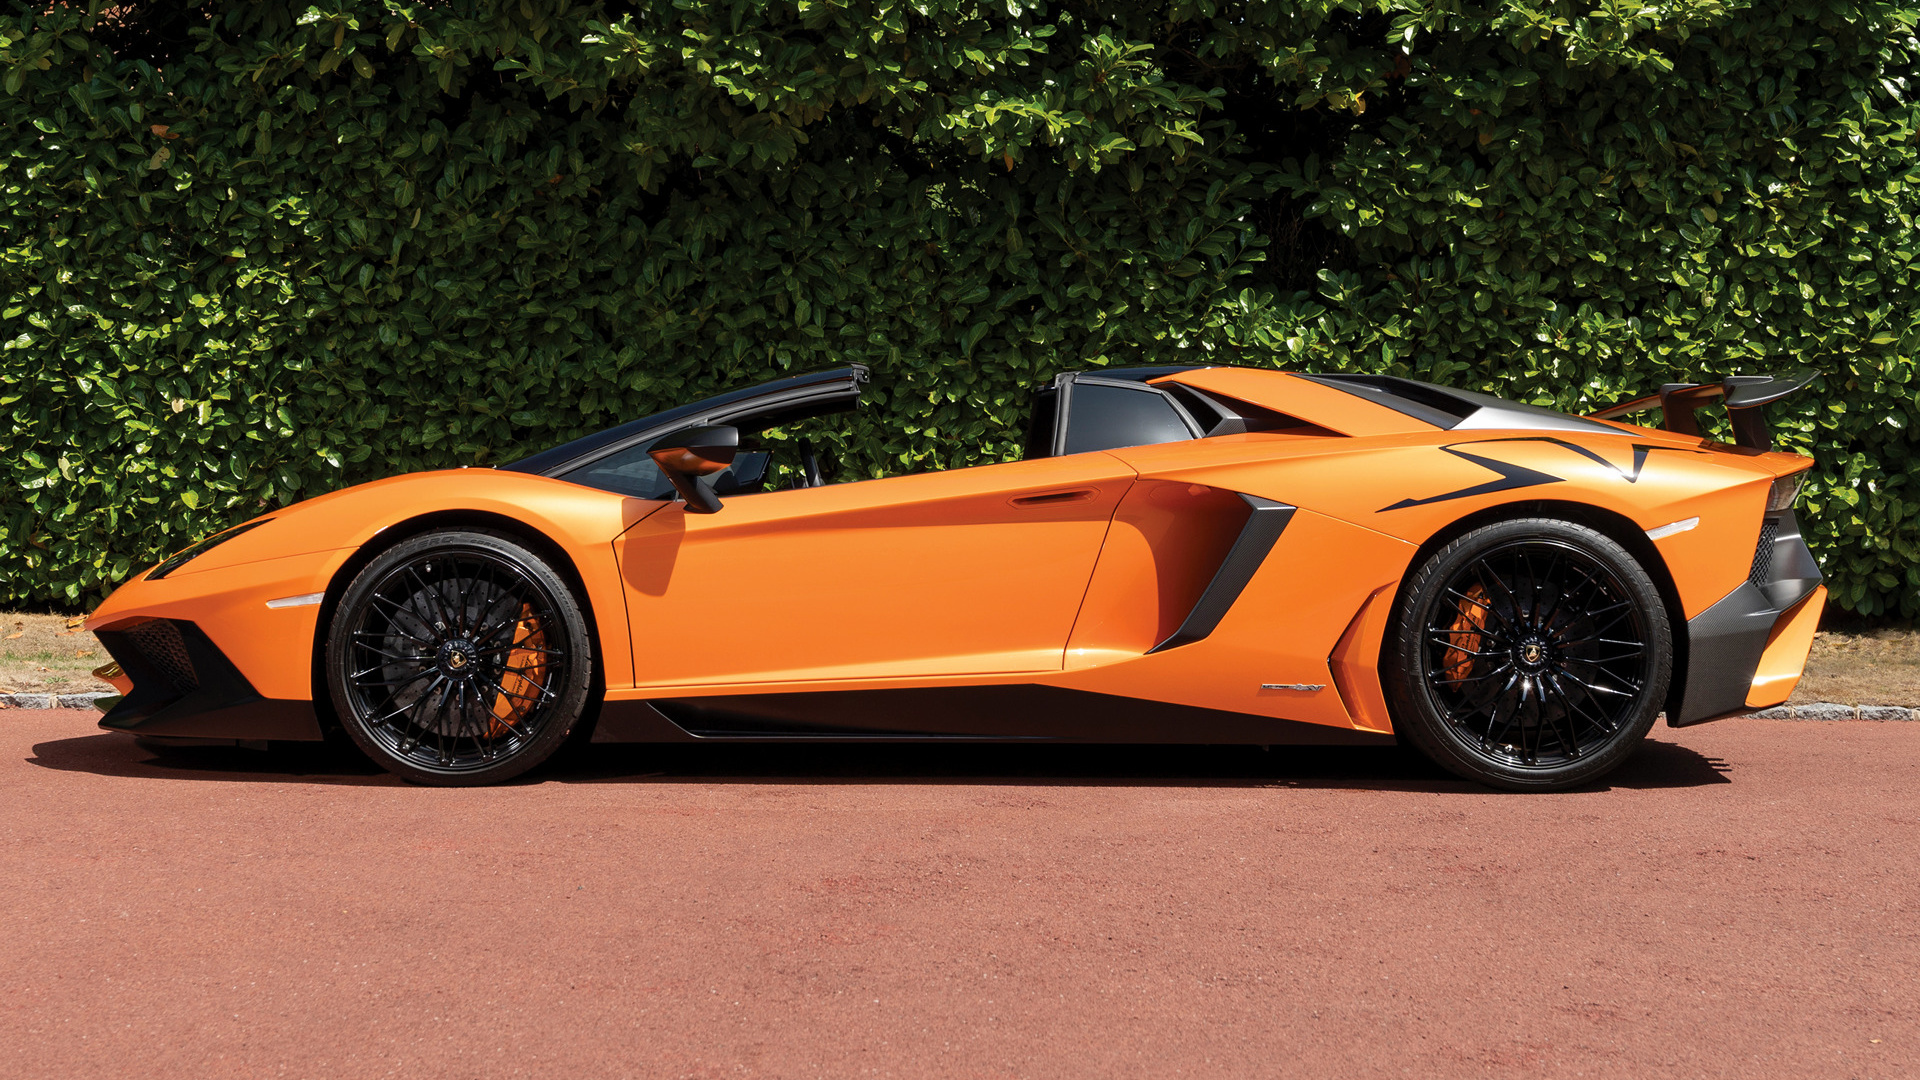 2015 Lamborghini Aventador Lp 750 4 Superveloce Roadster Fondo De Pantalla Hd Fondo De Escritorio 1920x1080 Id 964048 Wallpaper Abyss